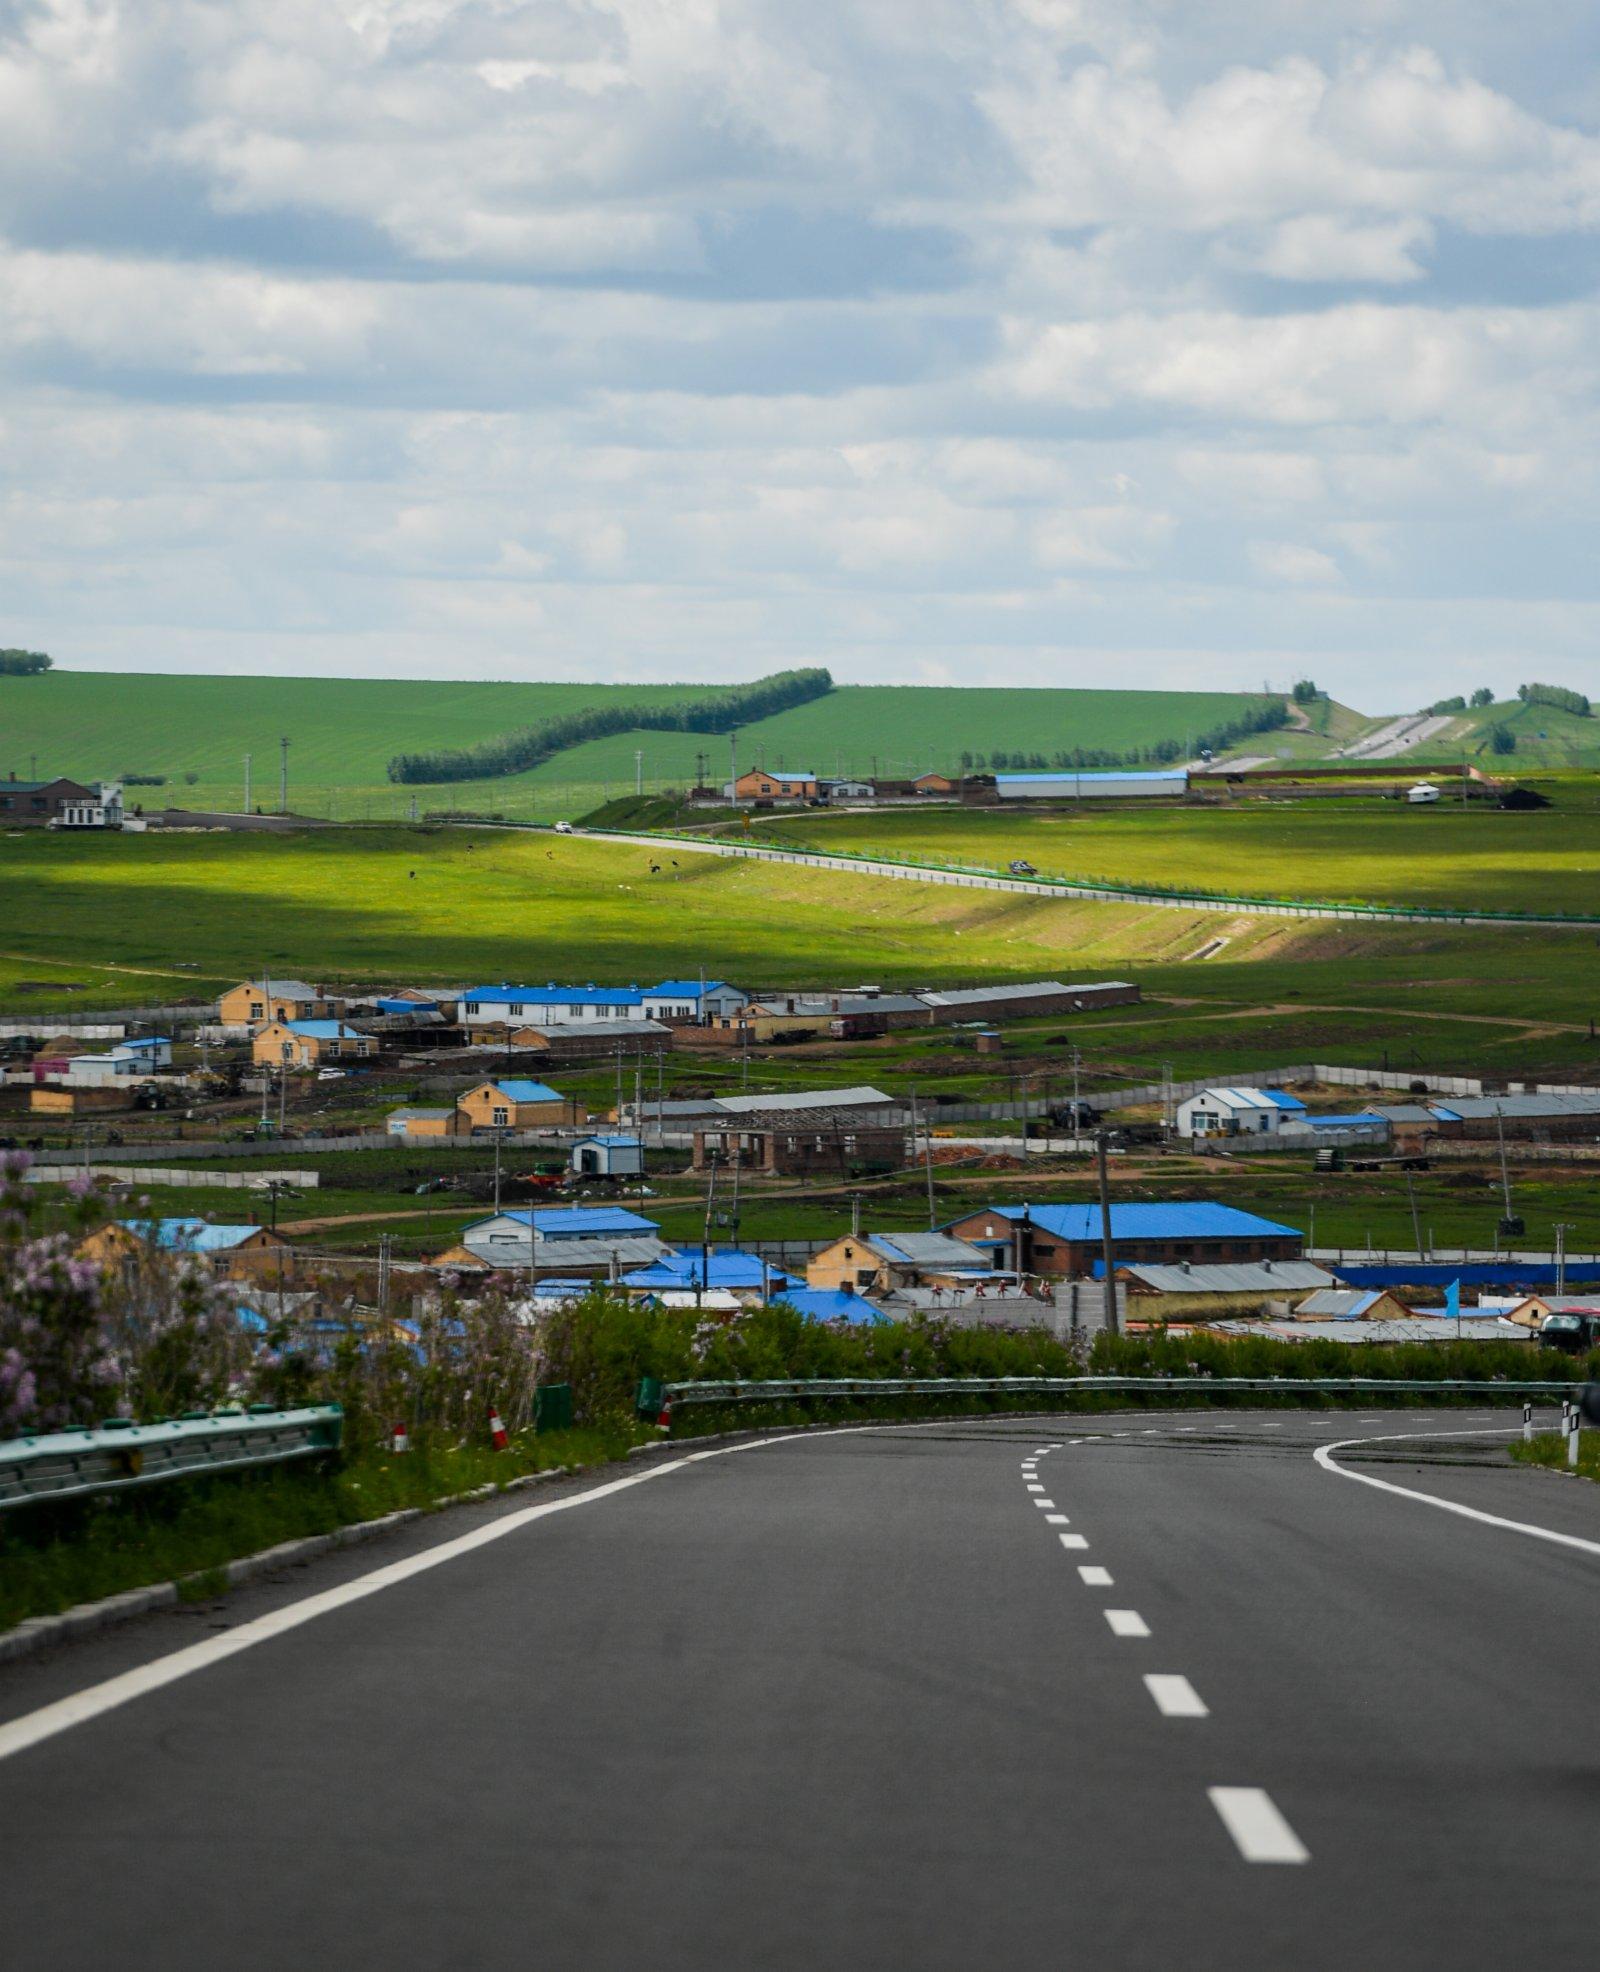 內蒙古呼倫貝爾332國道旁景色迷人(6月10日攝)。(新華社)